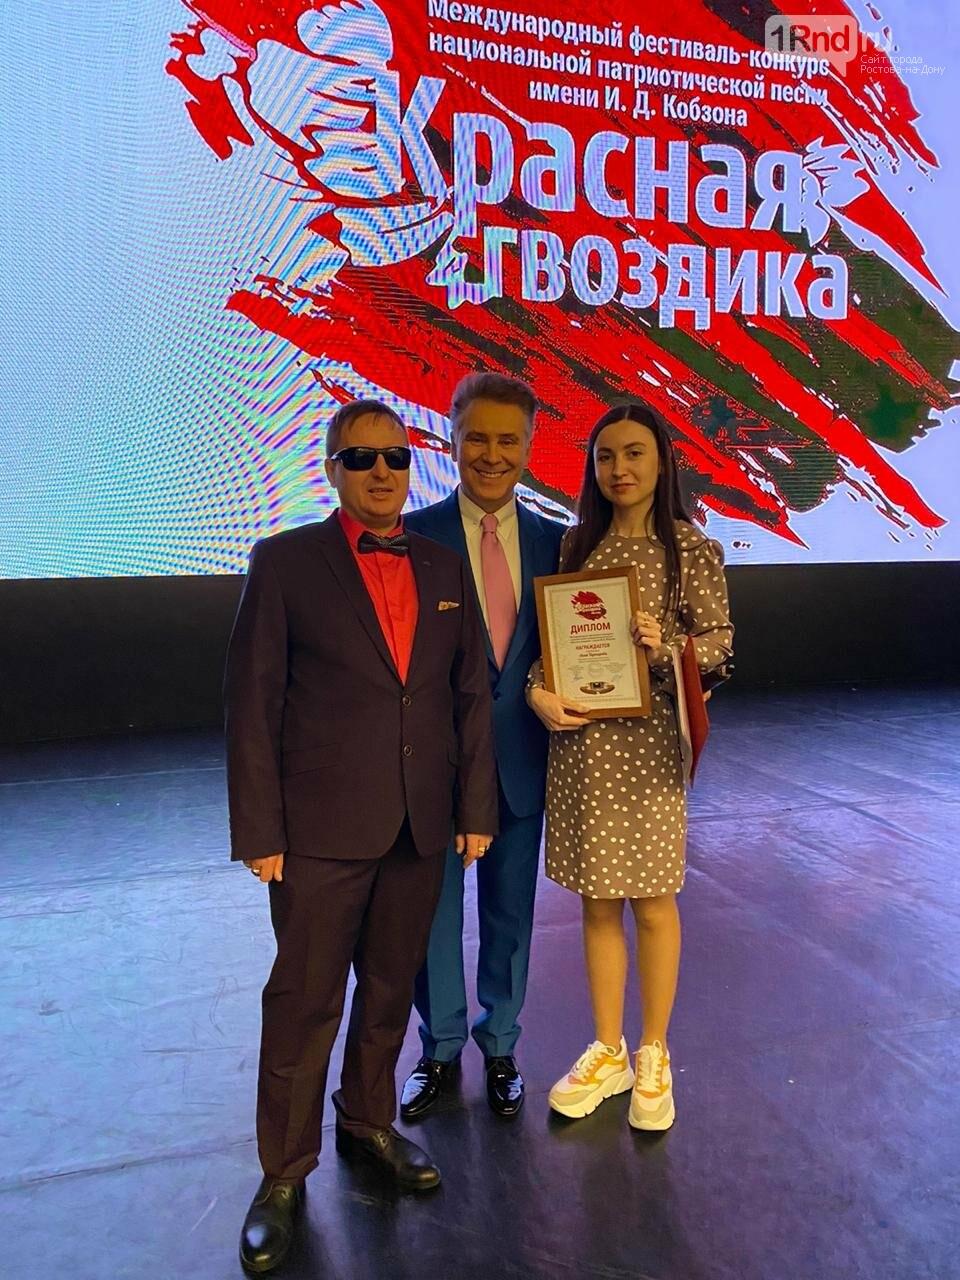 Ростовский композитор Анна Тартанова получила диплом на фестивале «Красная гвоздика», фото-2